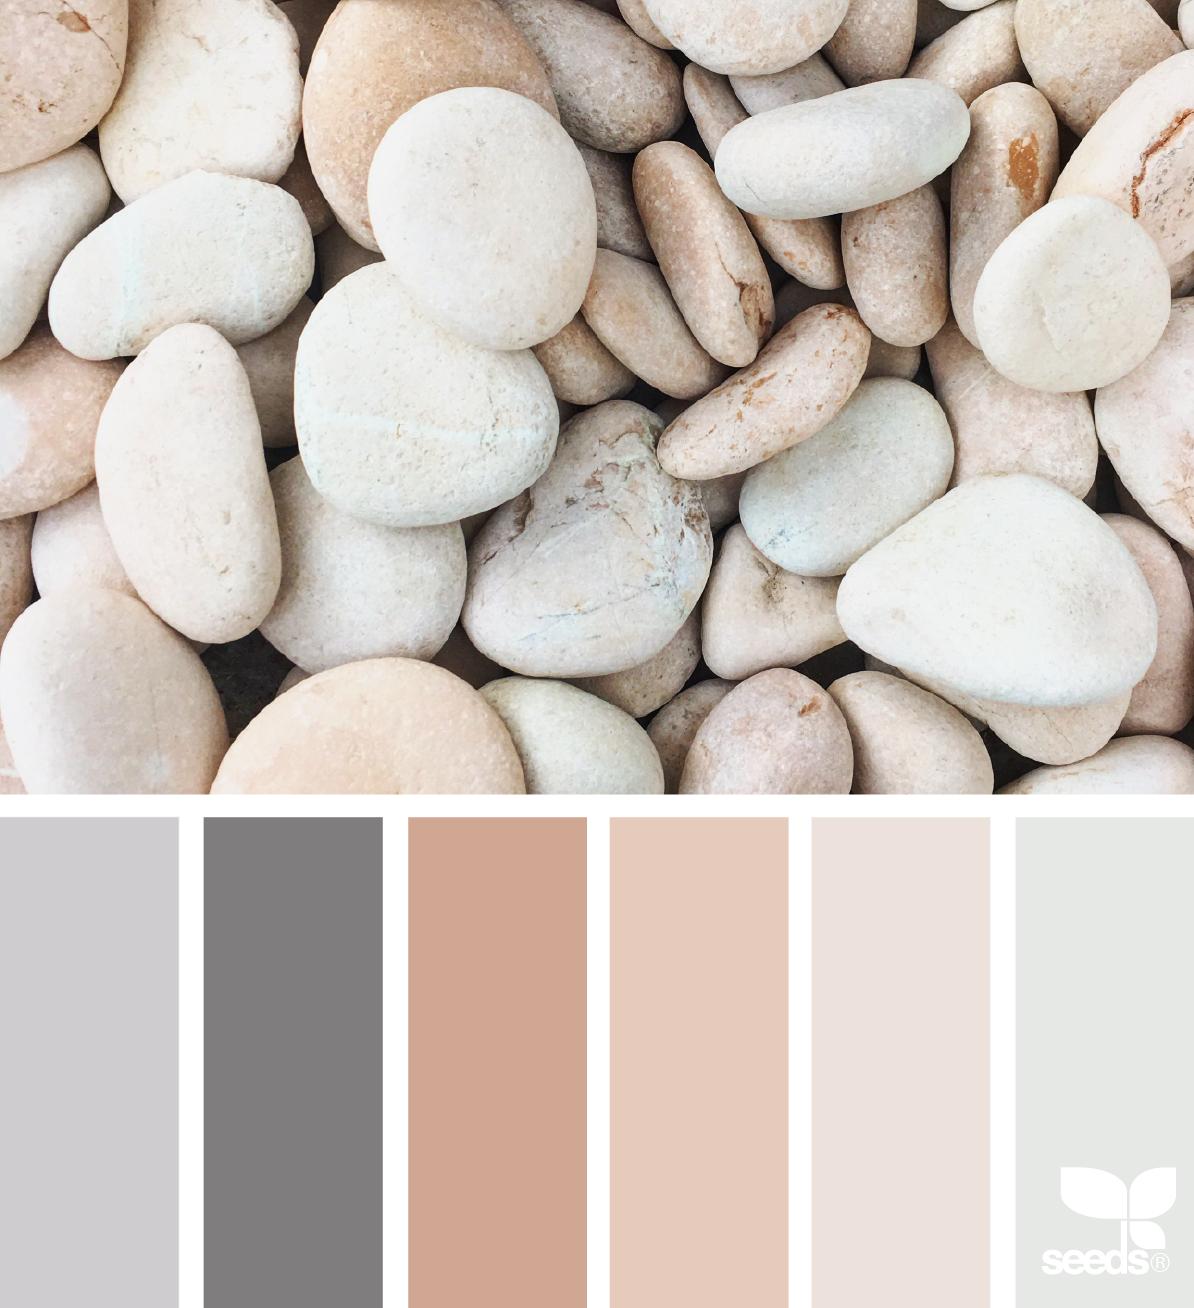 3 maneras de crear una paleta de color para tu página web - PLETÓRICA DESIGNS